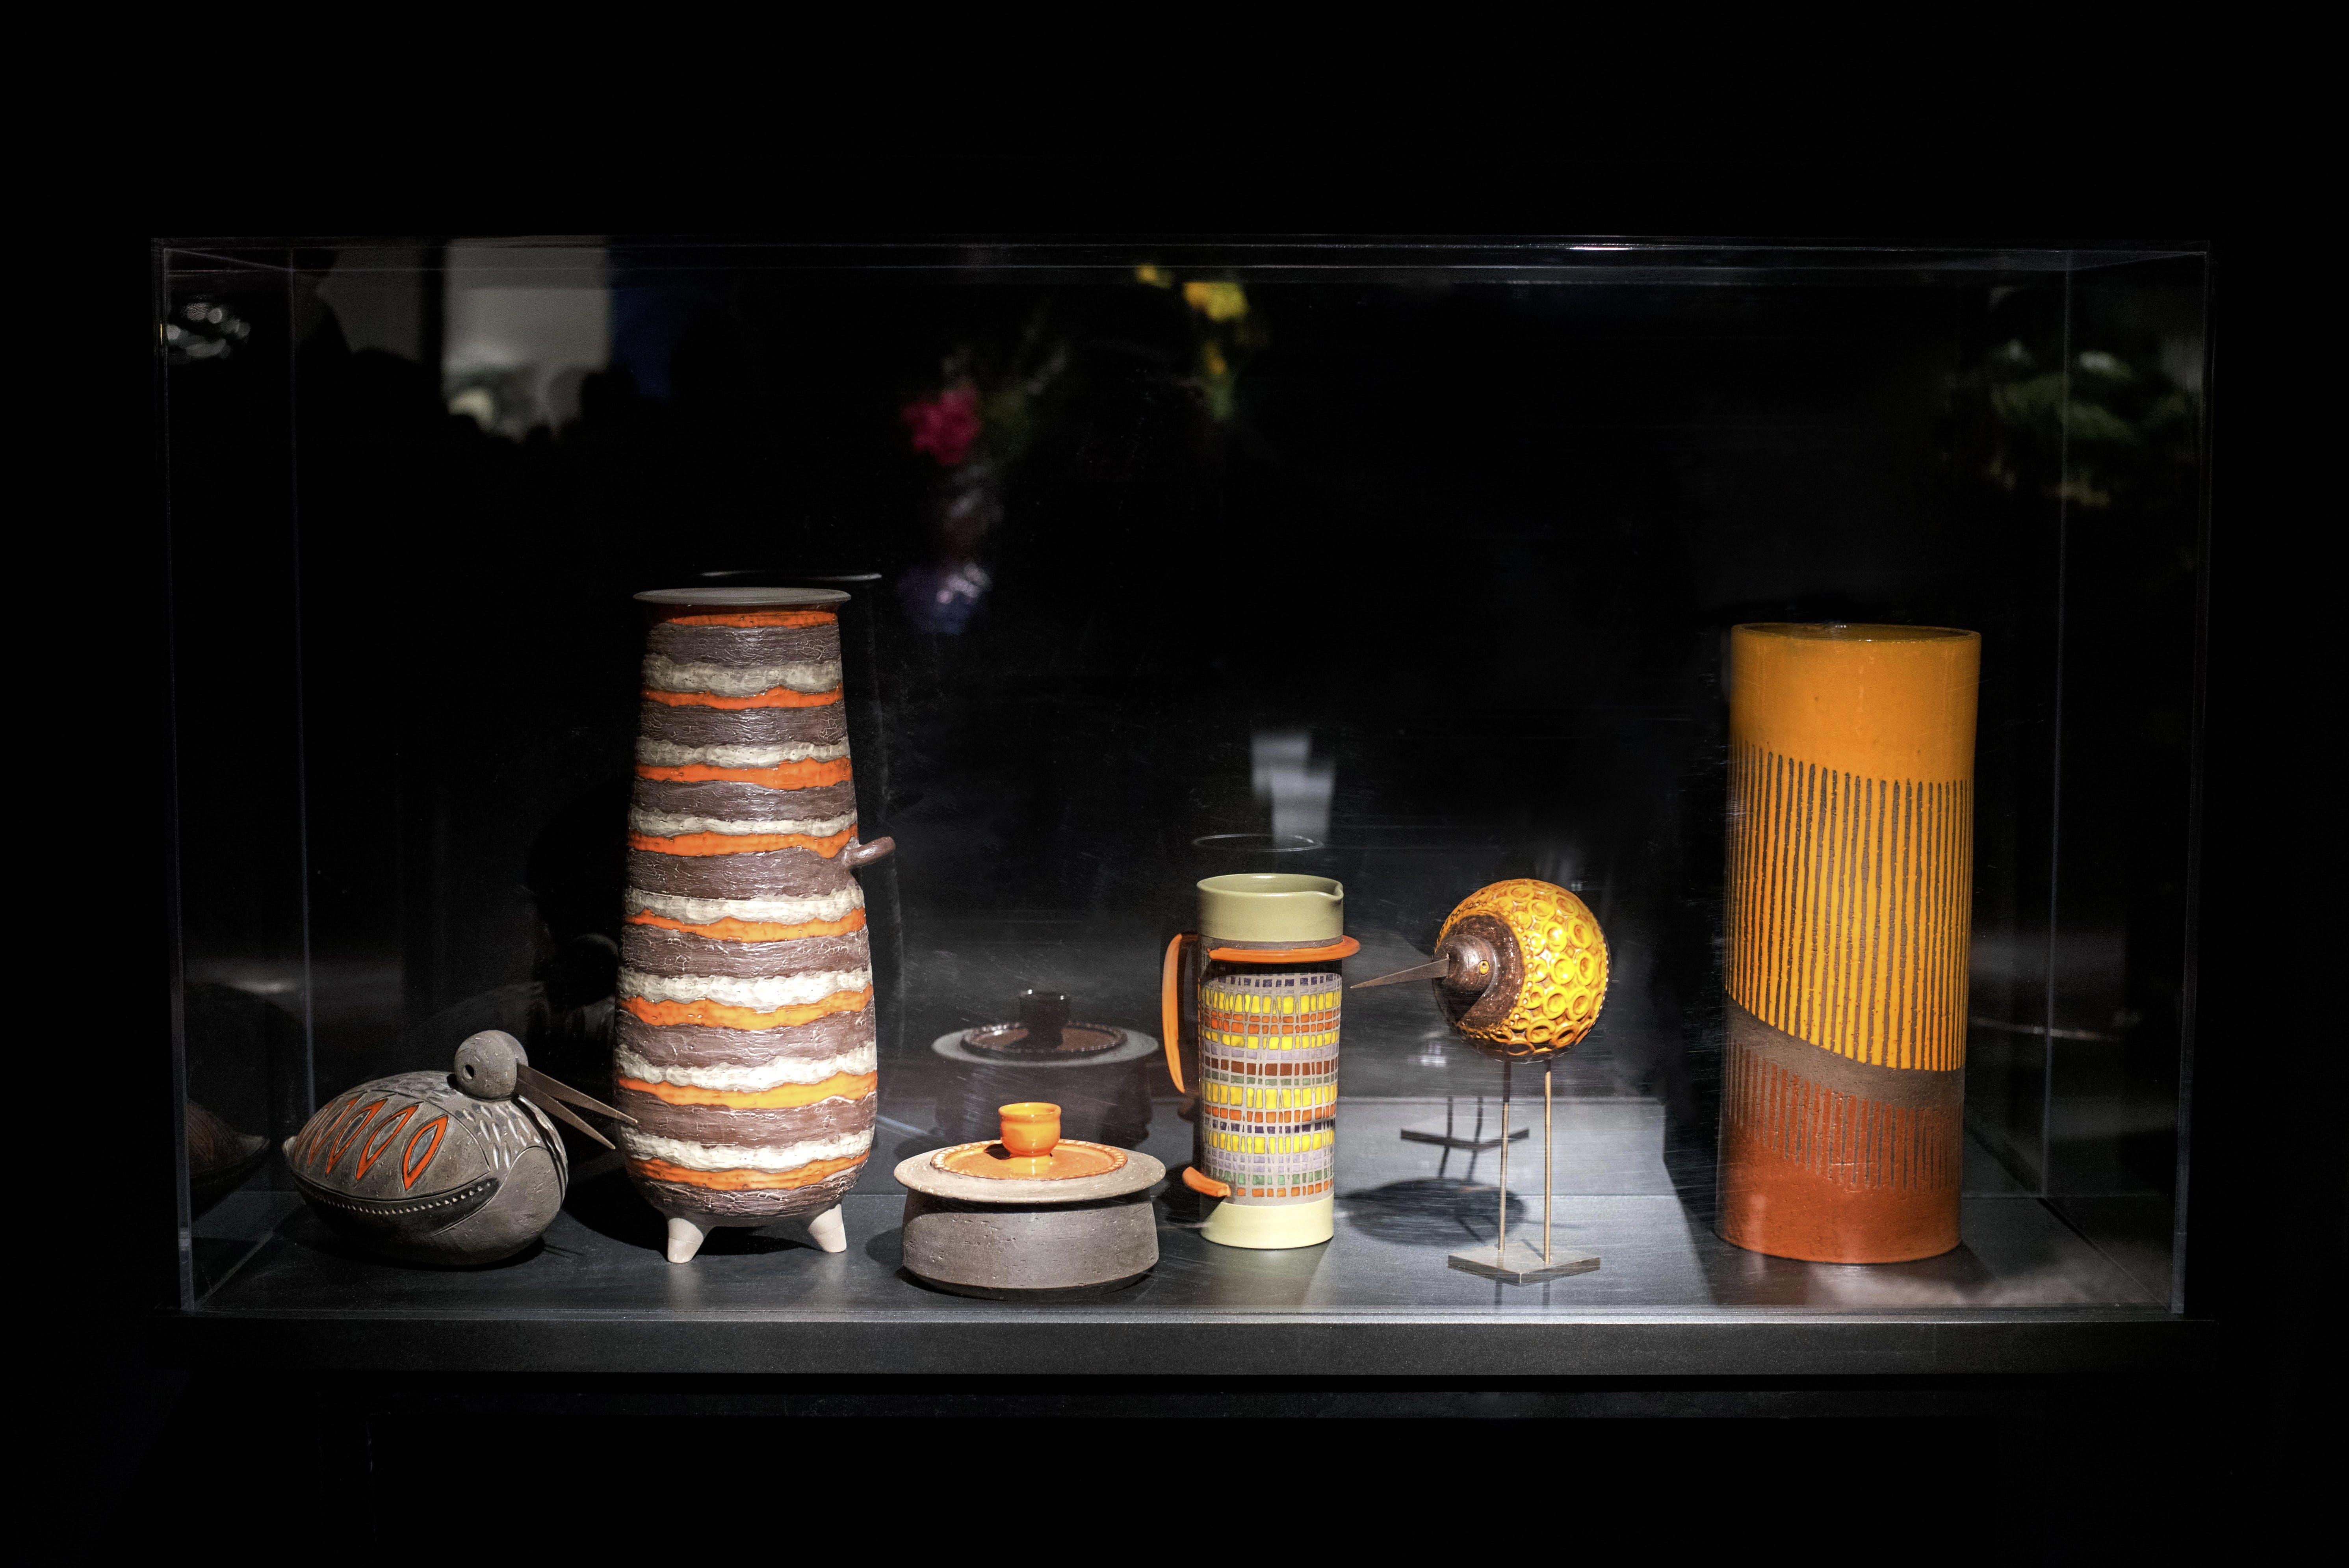 bitossi-ceramiche-article-02